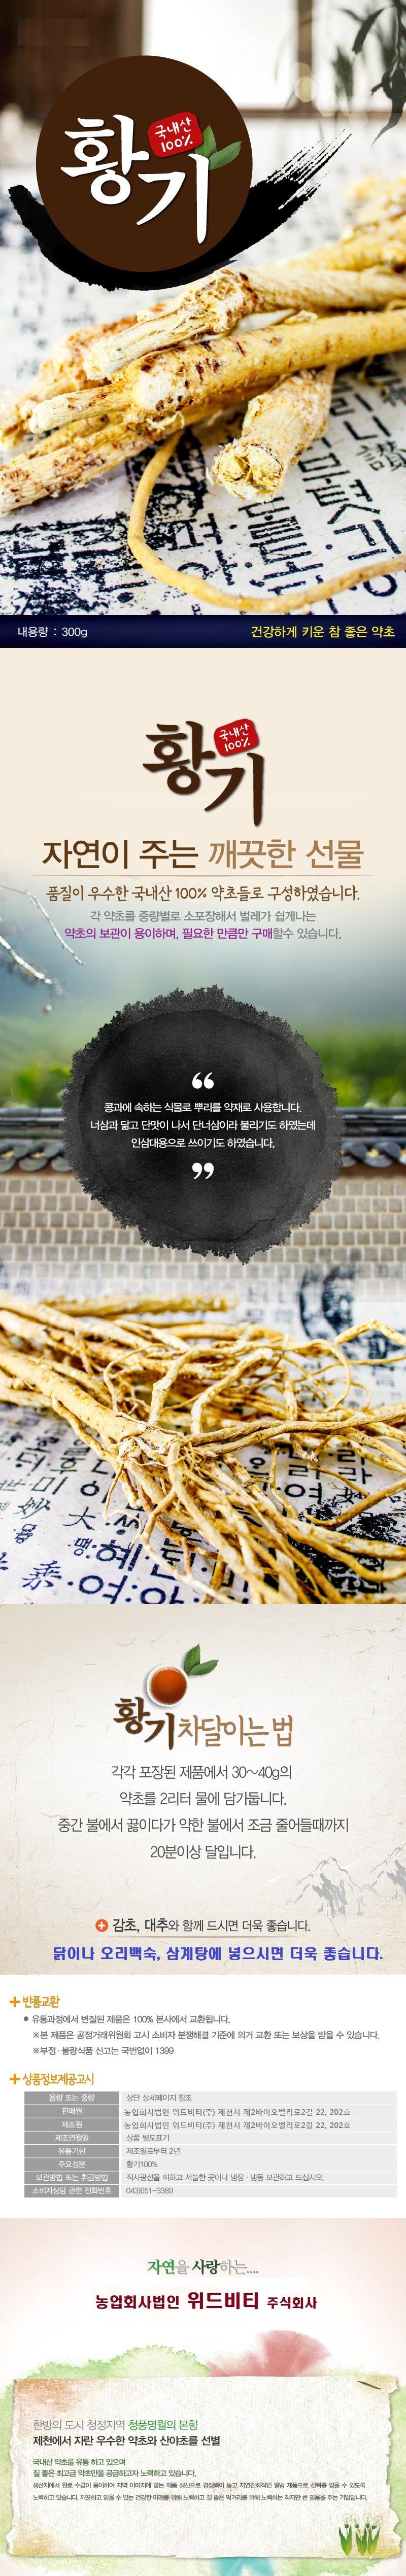 수정-황기.jpg